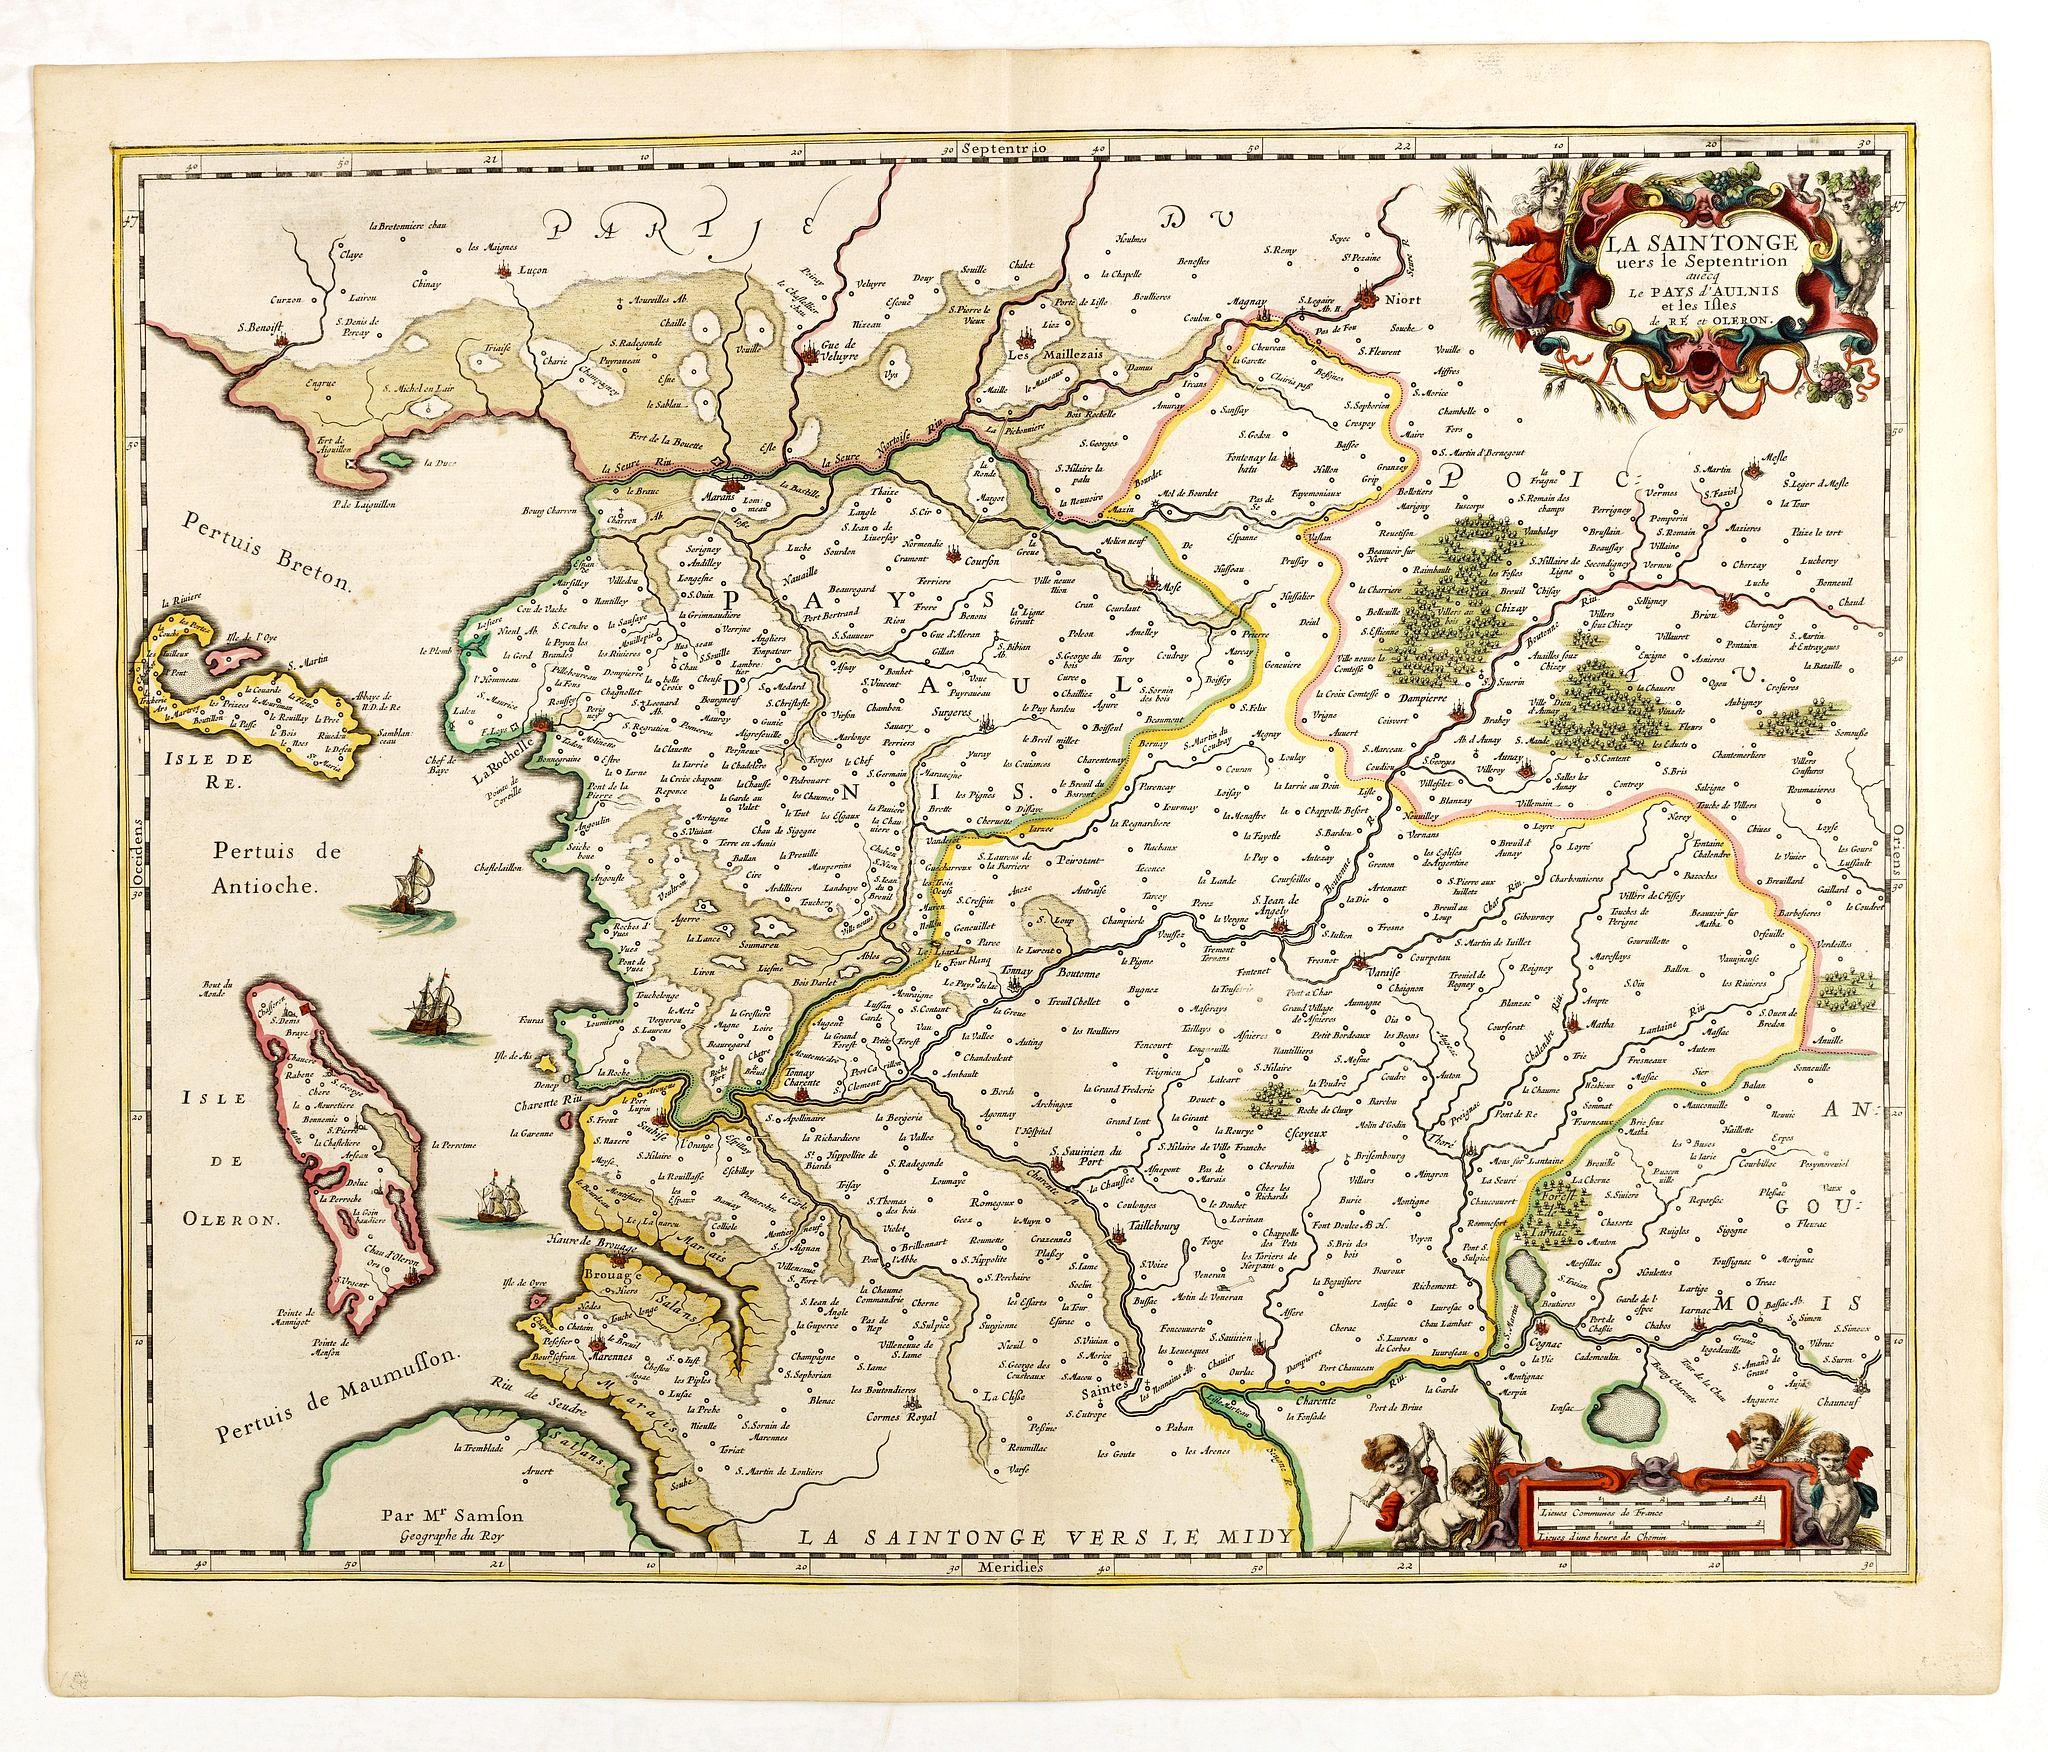 JANSSONIUS, J. -  La Saintonge vers le Septentrion avec le pays d'Aulnis et les iles de Ré et d'Olérons.